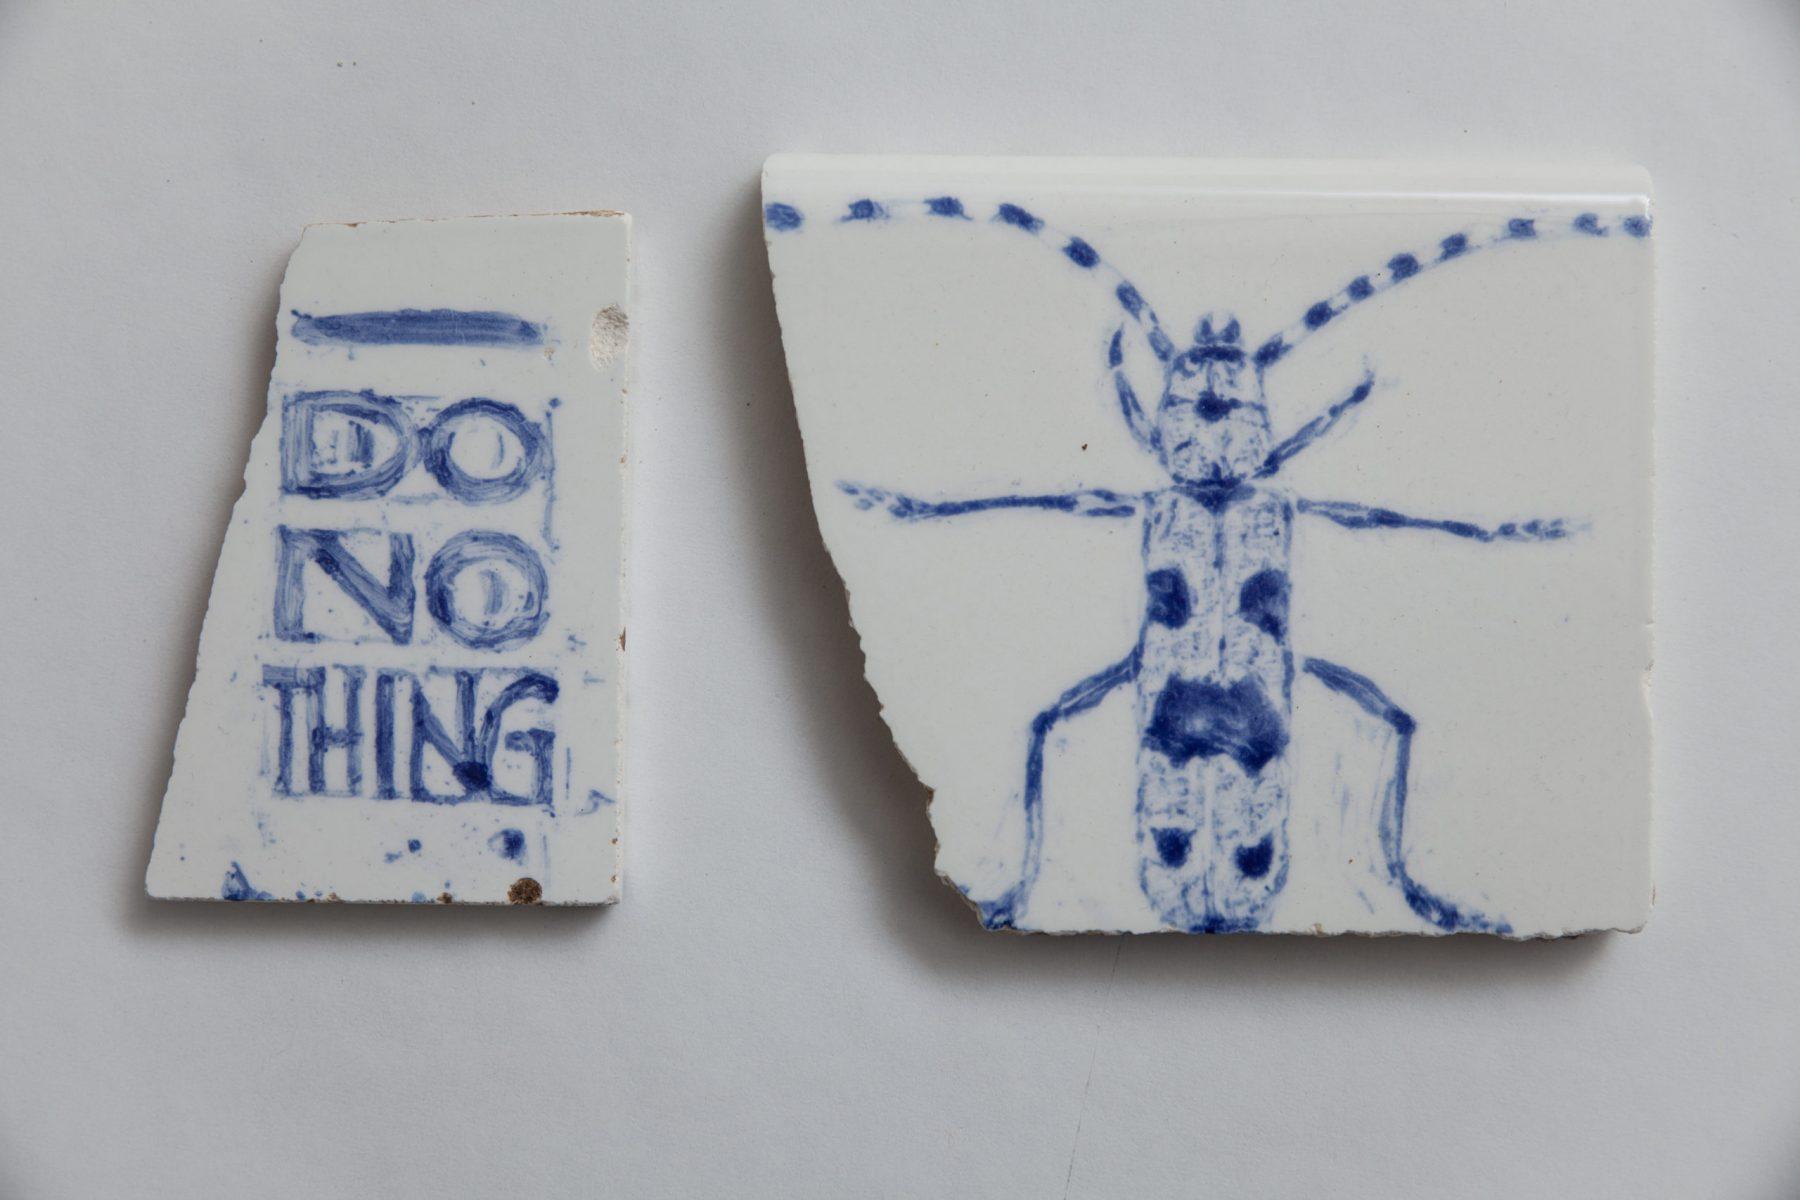 nettelmann_schuldt_donothing_käfer-scaled